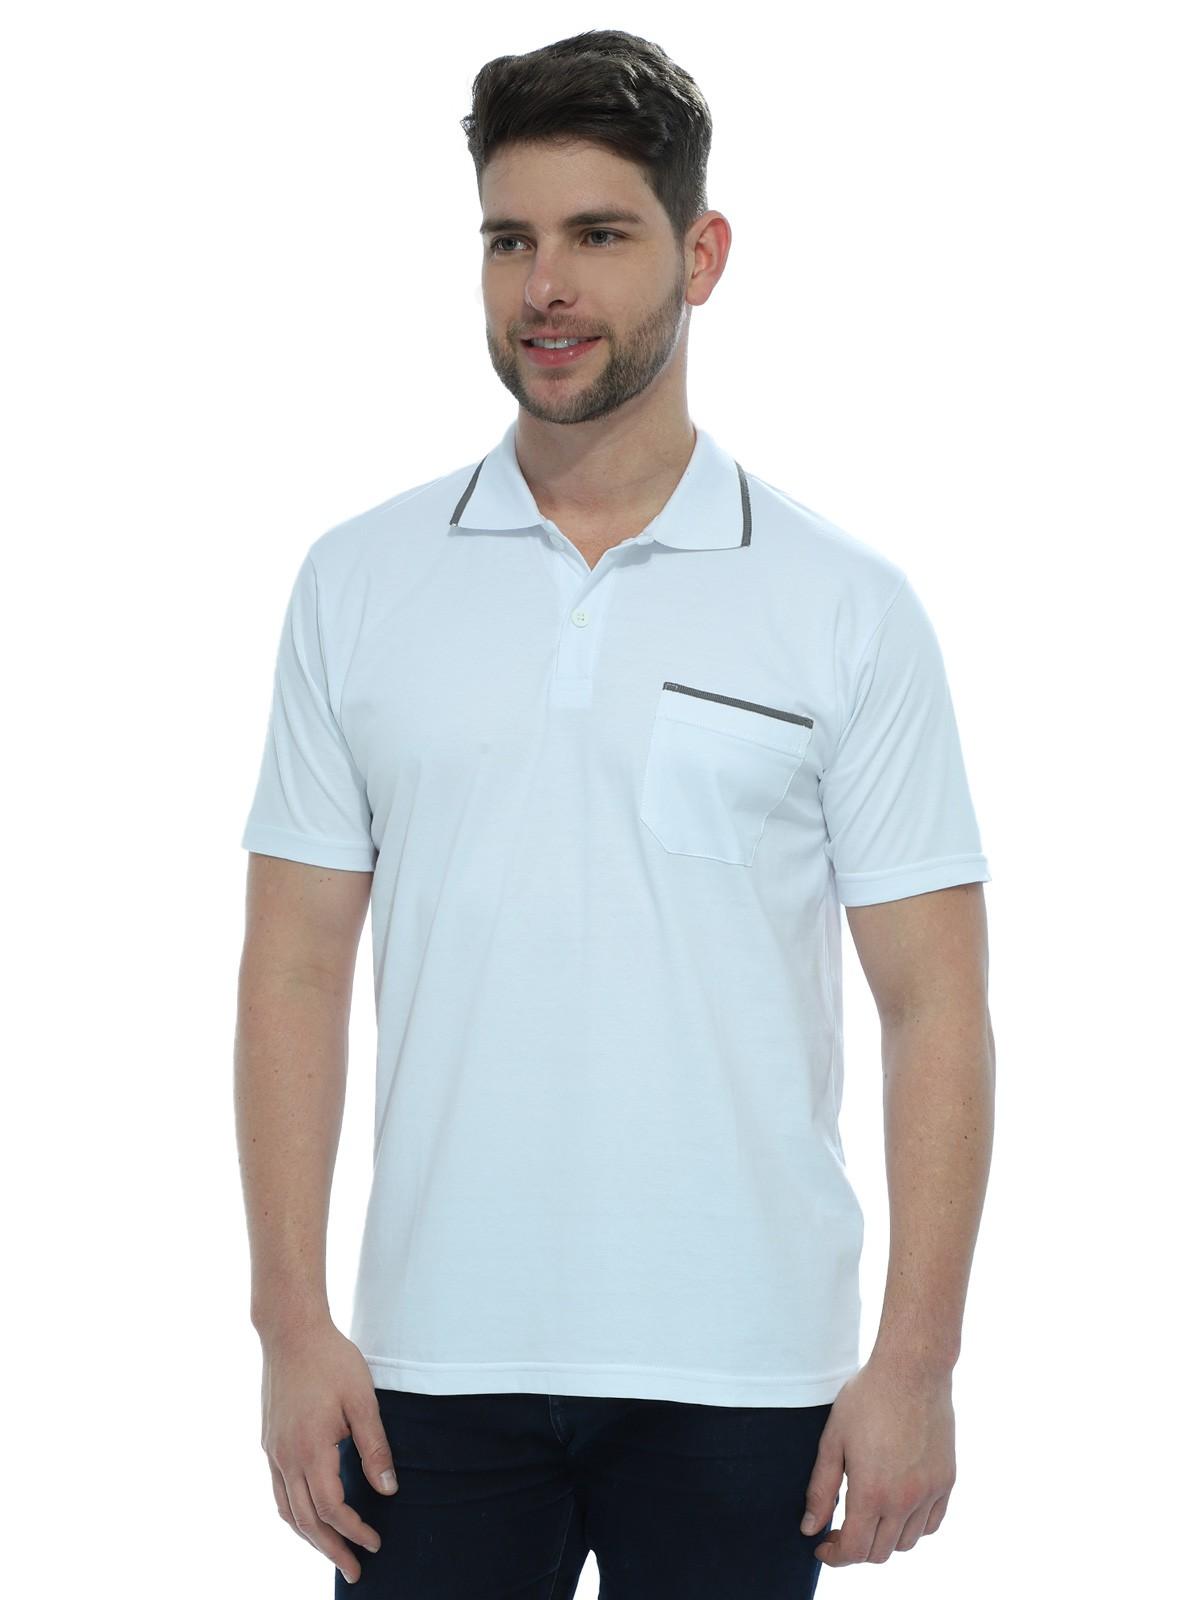 Camisa Polo Masculina com Bolso Retilínea Algodão Branco